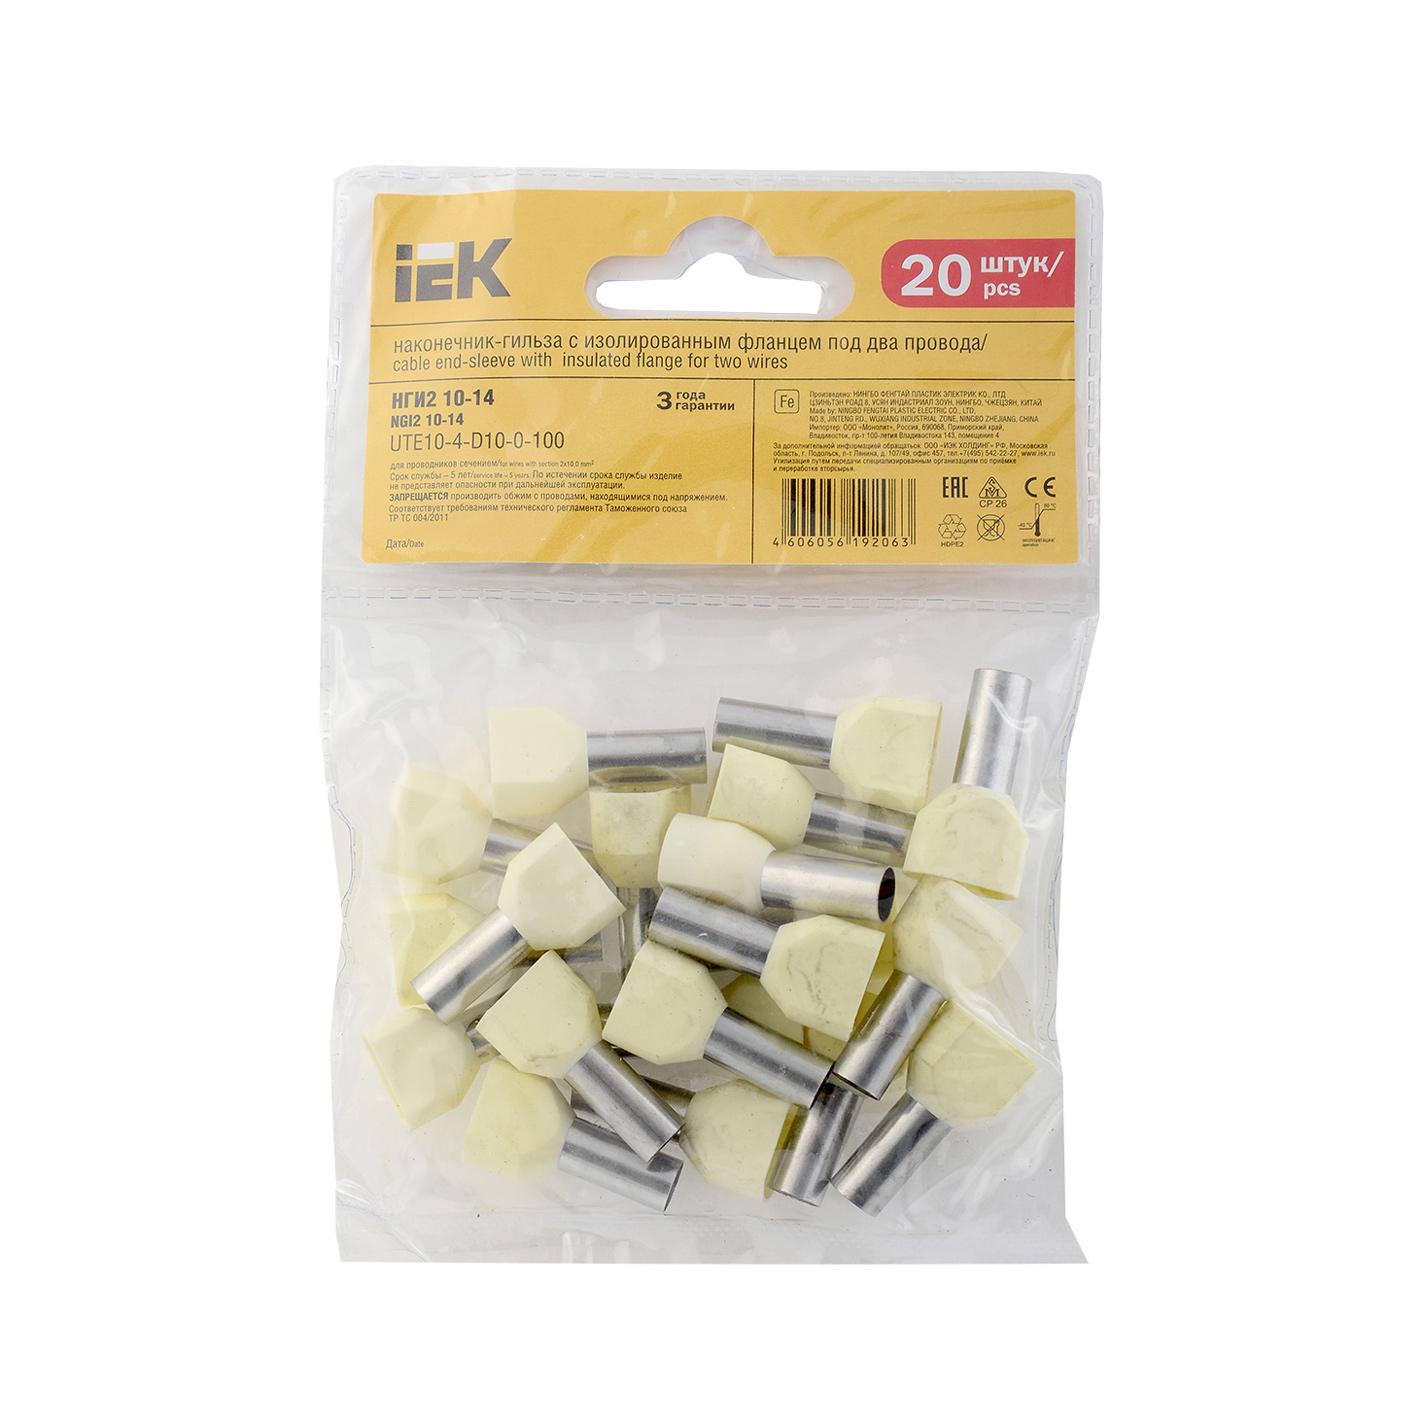 Наконечник-гильза НГИ2 10-14 (слоновая кость) (20шт) IEK